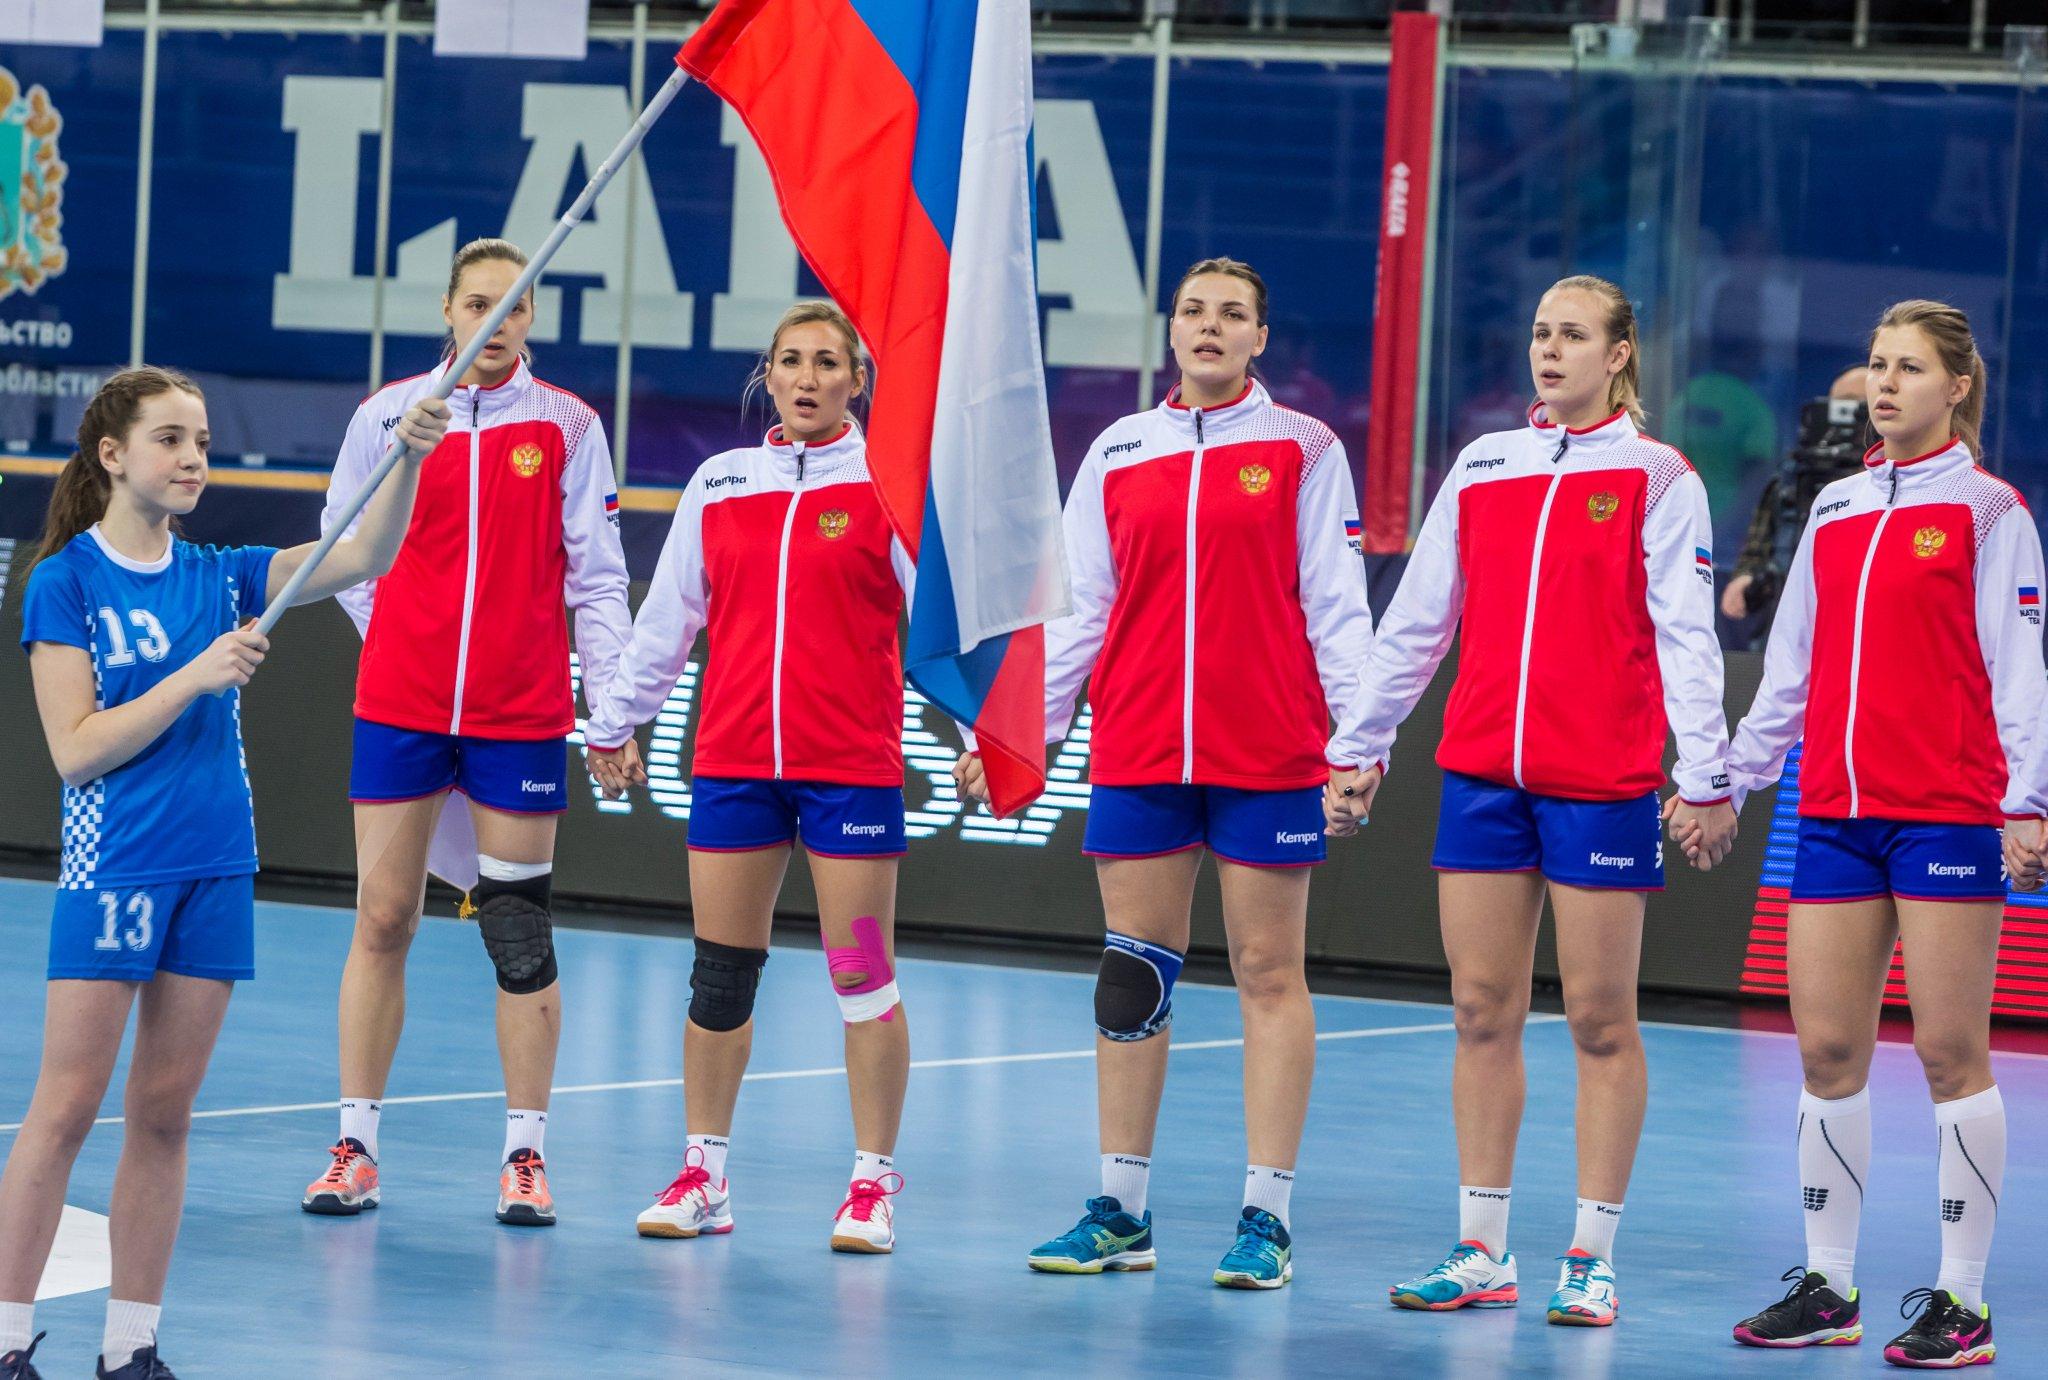 сравнительных кадрах фото гандболисток сборной россии нас любит улечься